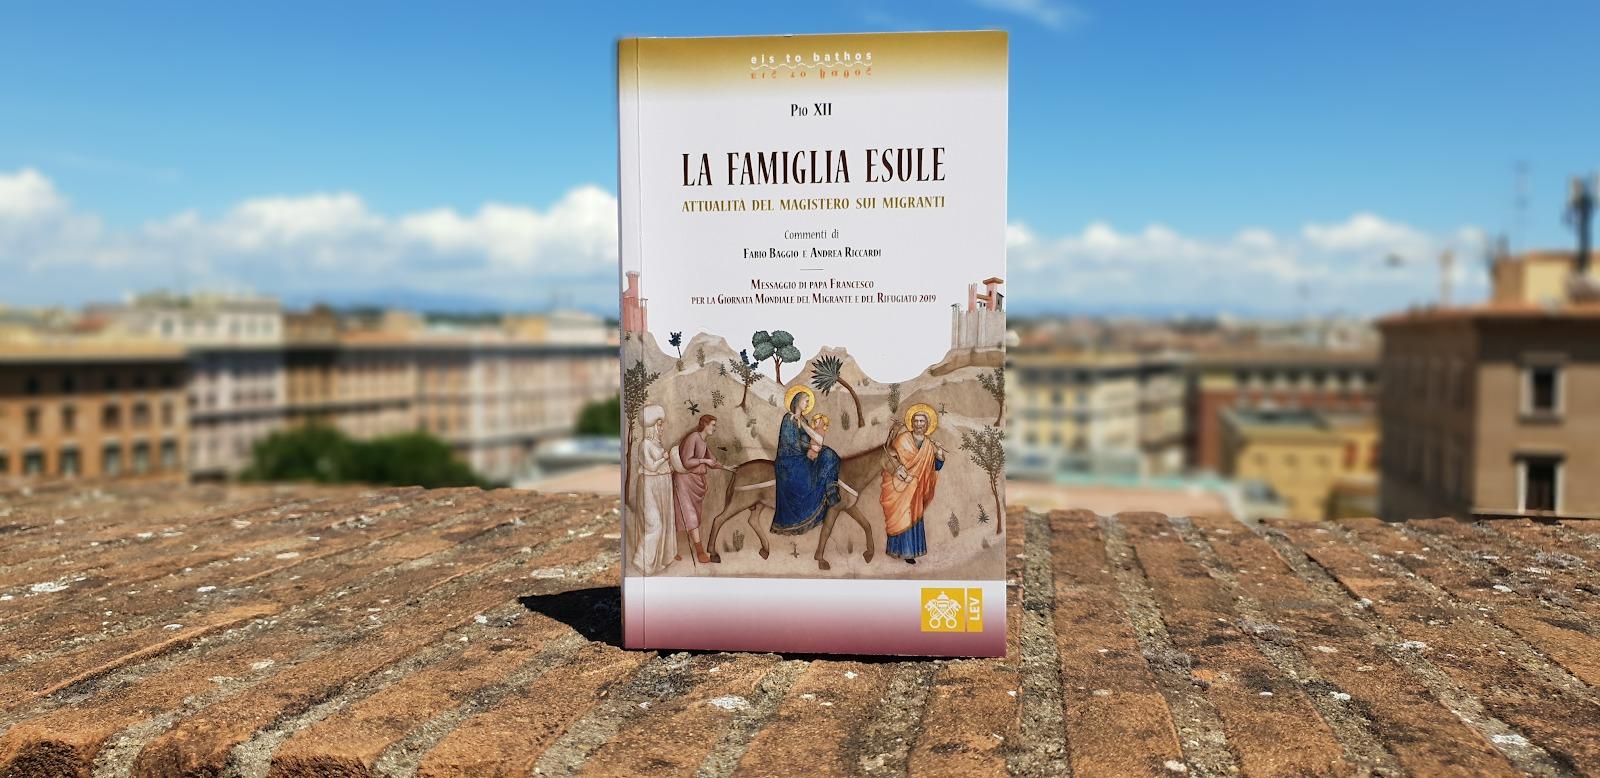 """Nuovo volume della Libreria Editrice Vaticana: """"La famiglia esule"""" Copyright Dicastero per la Comunicazione / Libreria Editrice Vaticana"""